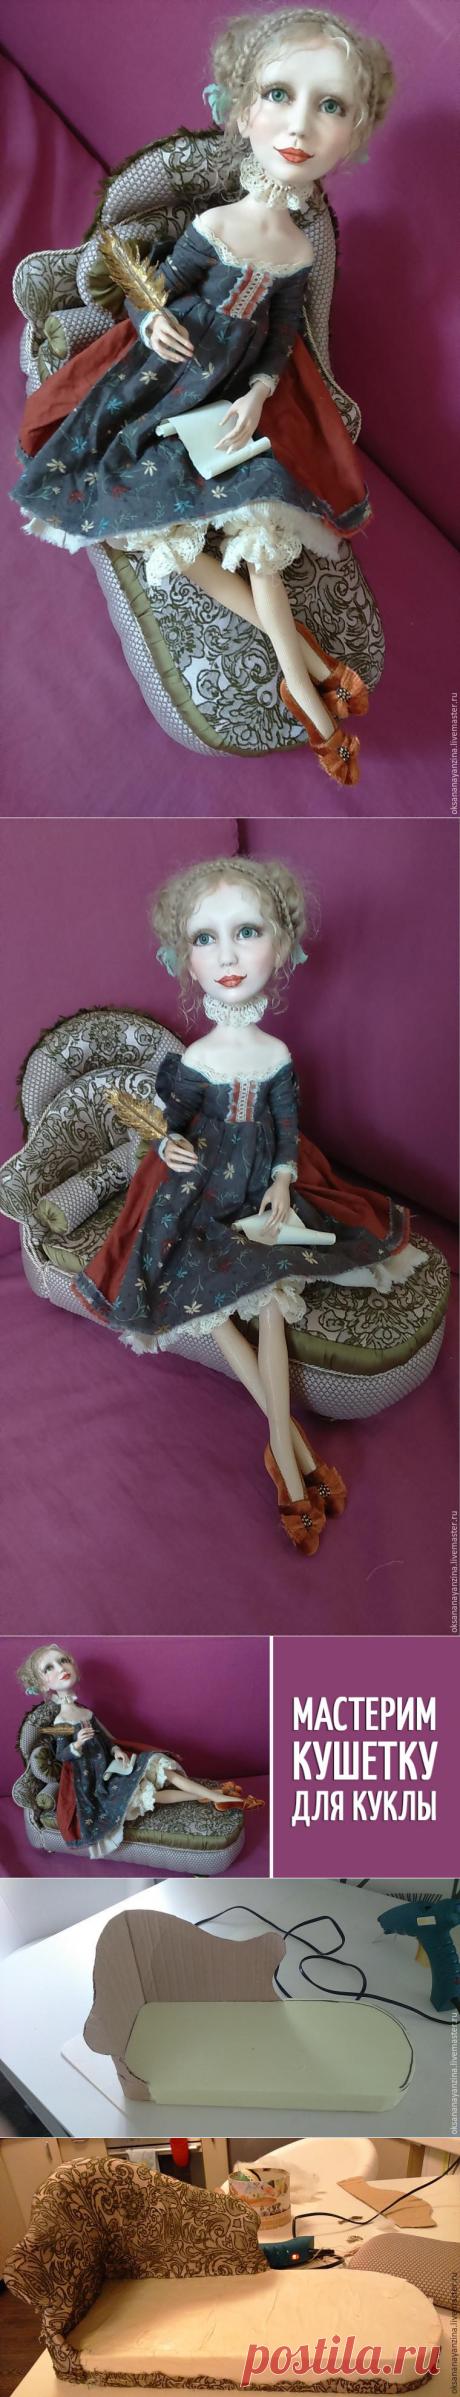 Мастерим кушетку для куколки - Ярмарка Мастеров - ручная работа, handmade